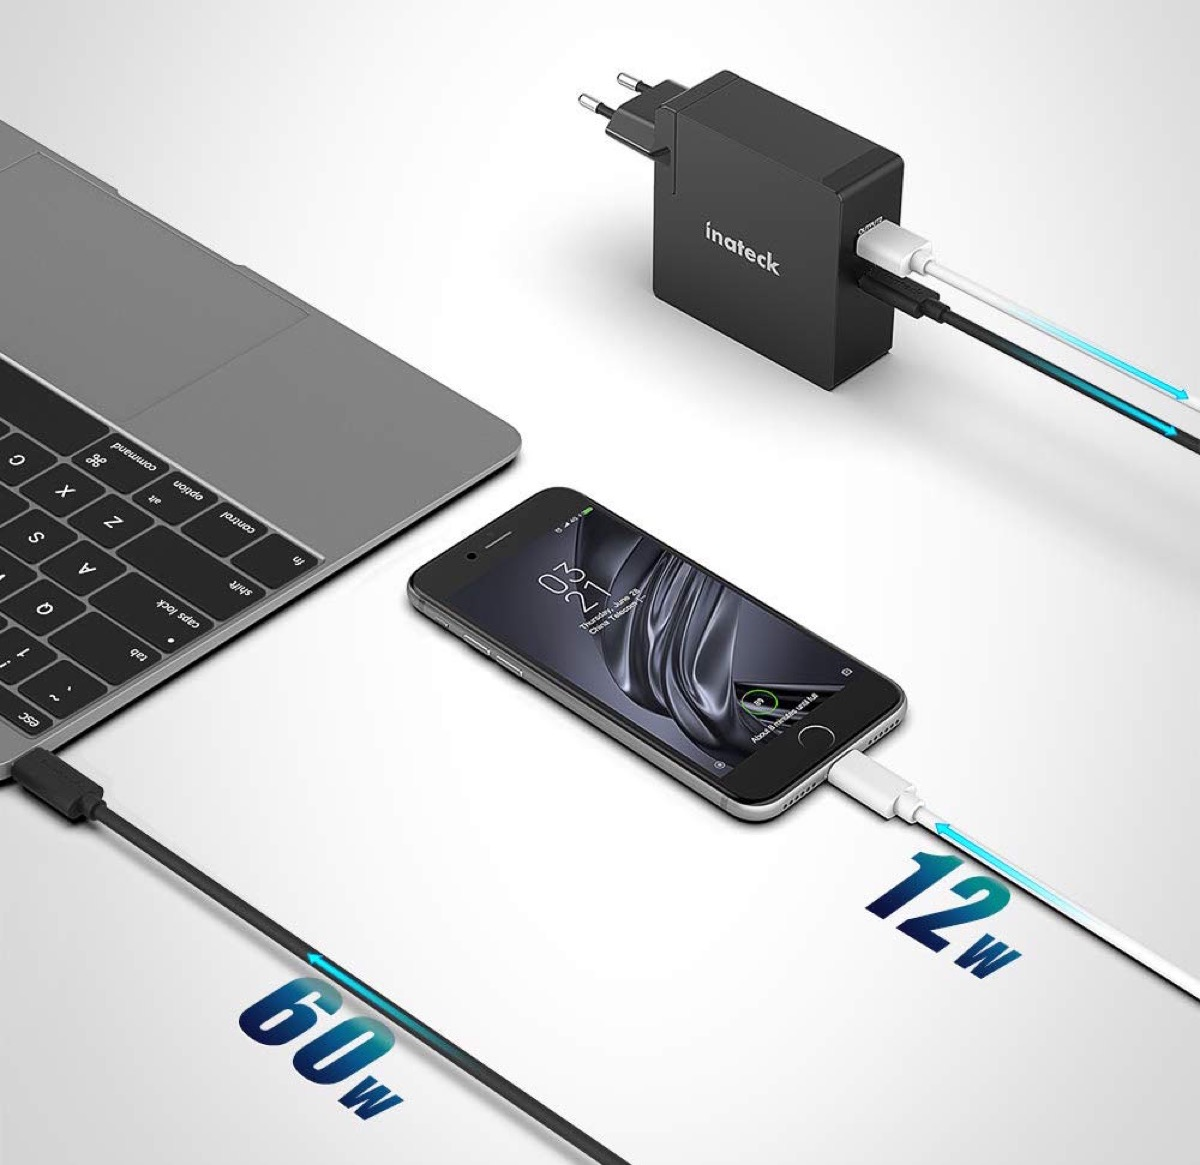 Inateck CC01003, caricatore da viaggio con USB-C e cavo incluso in sconto a 44,99 euro